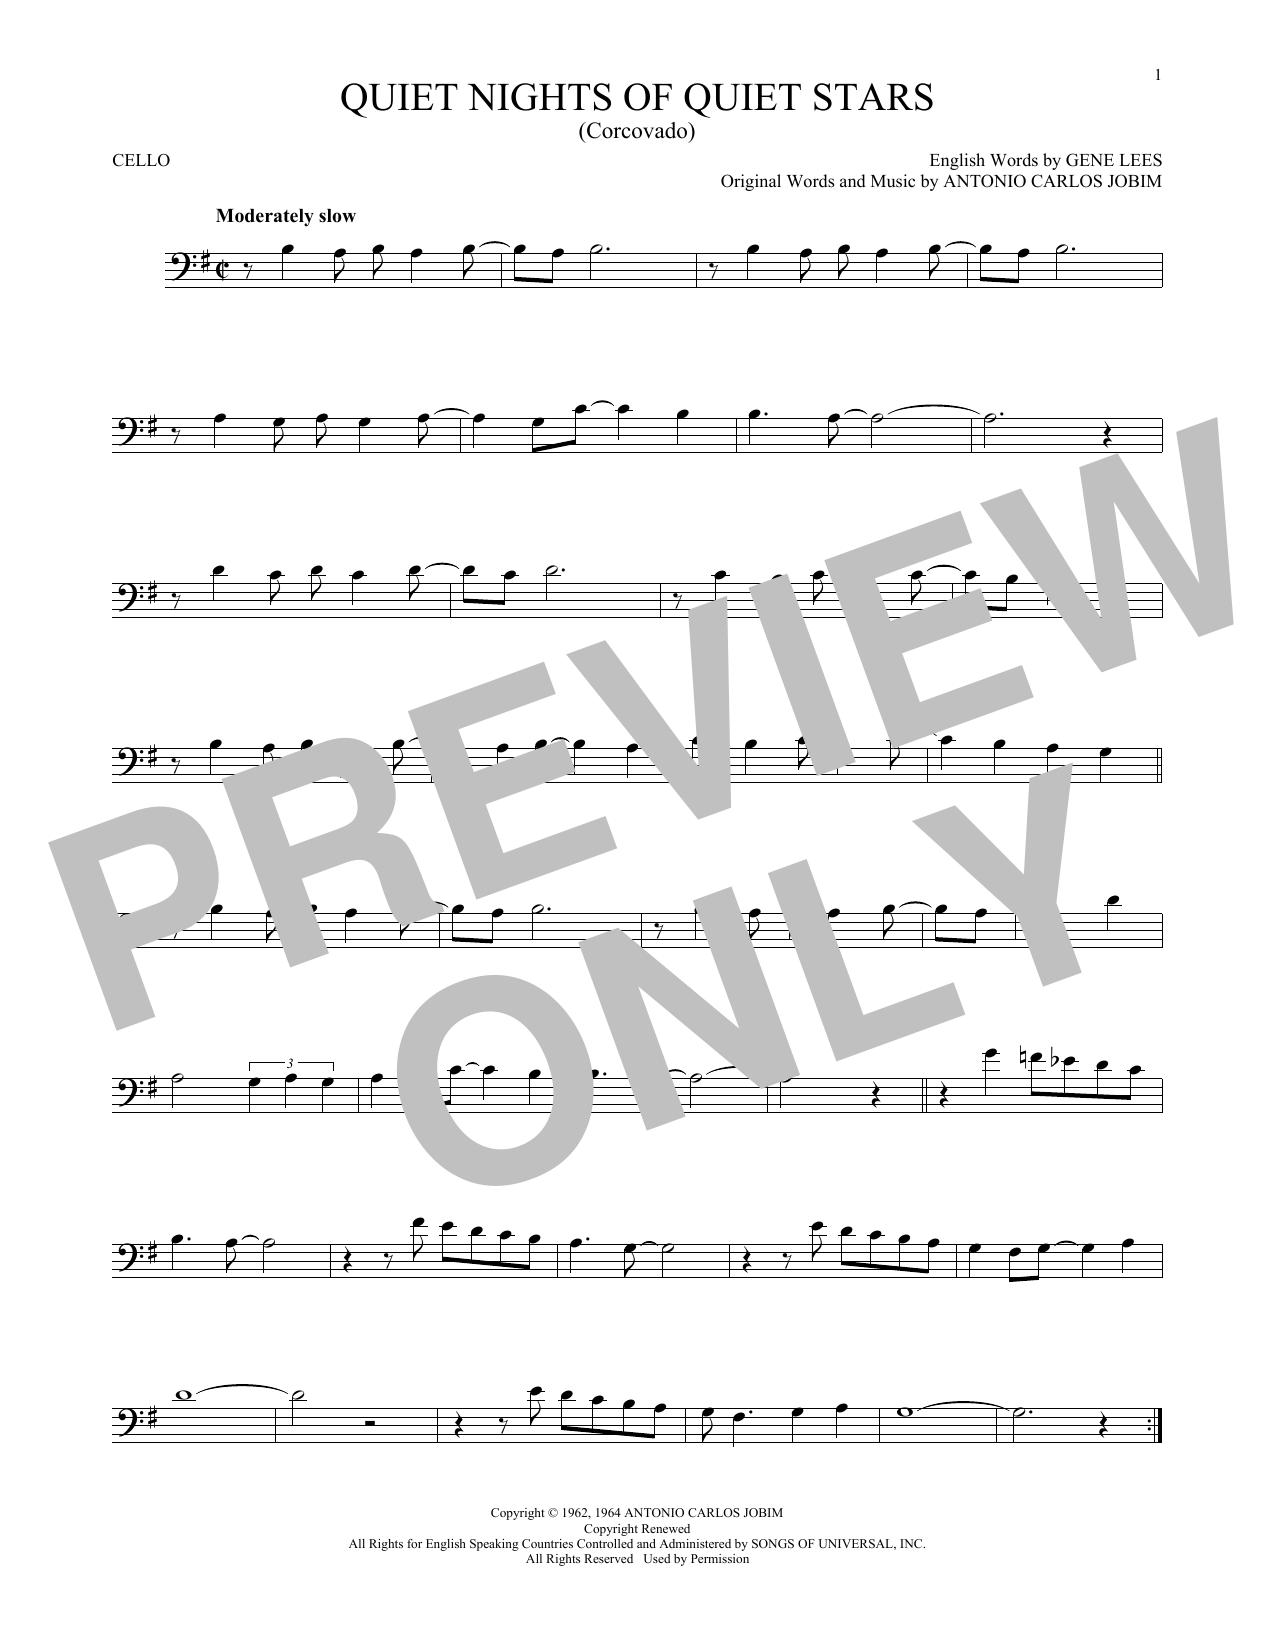 Quiet Nights Of Quiet Stars (Corcovado) (Cello Solo)